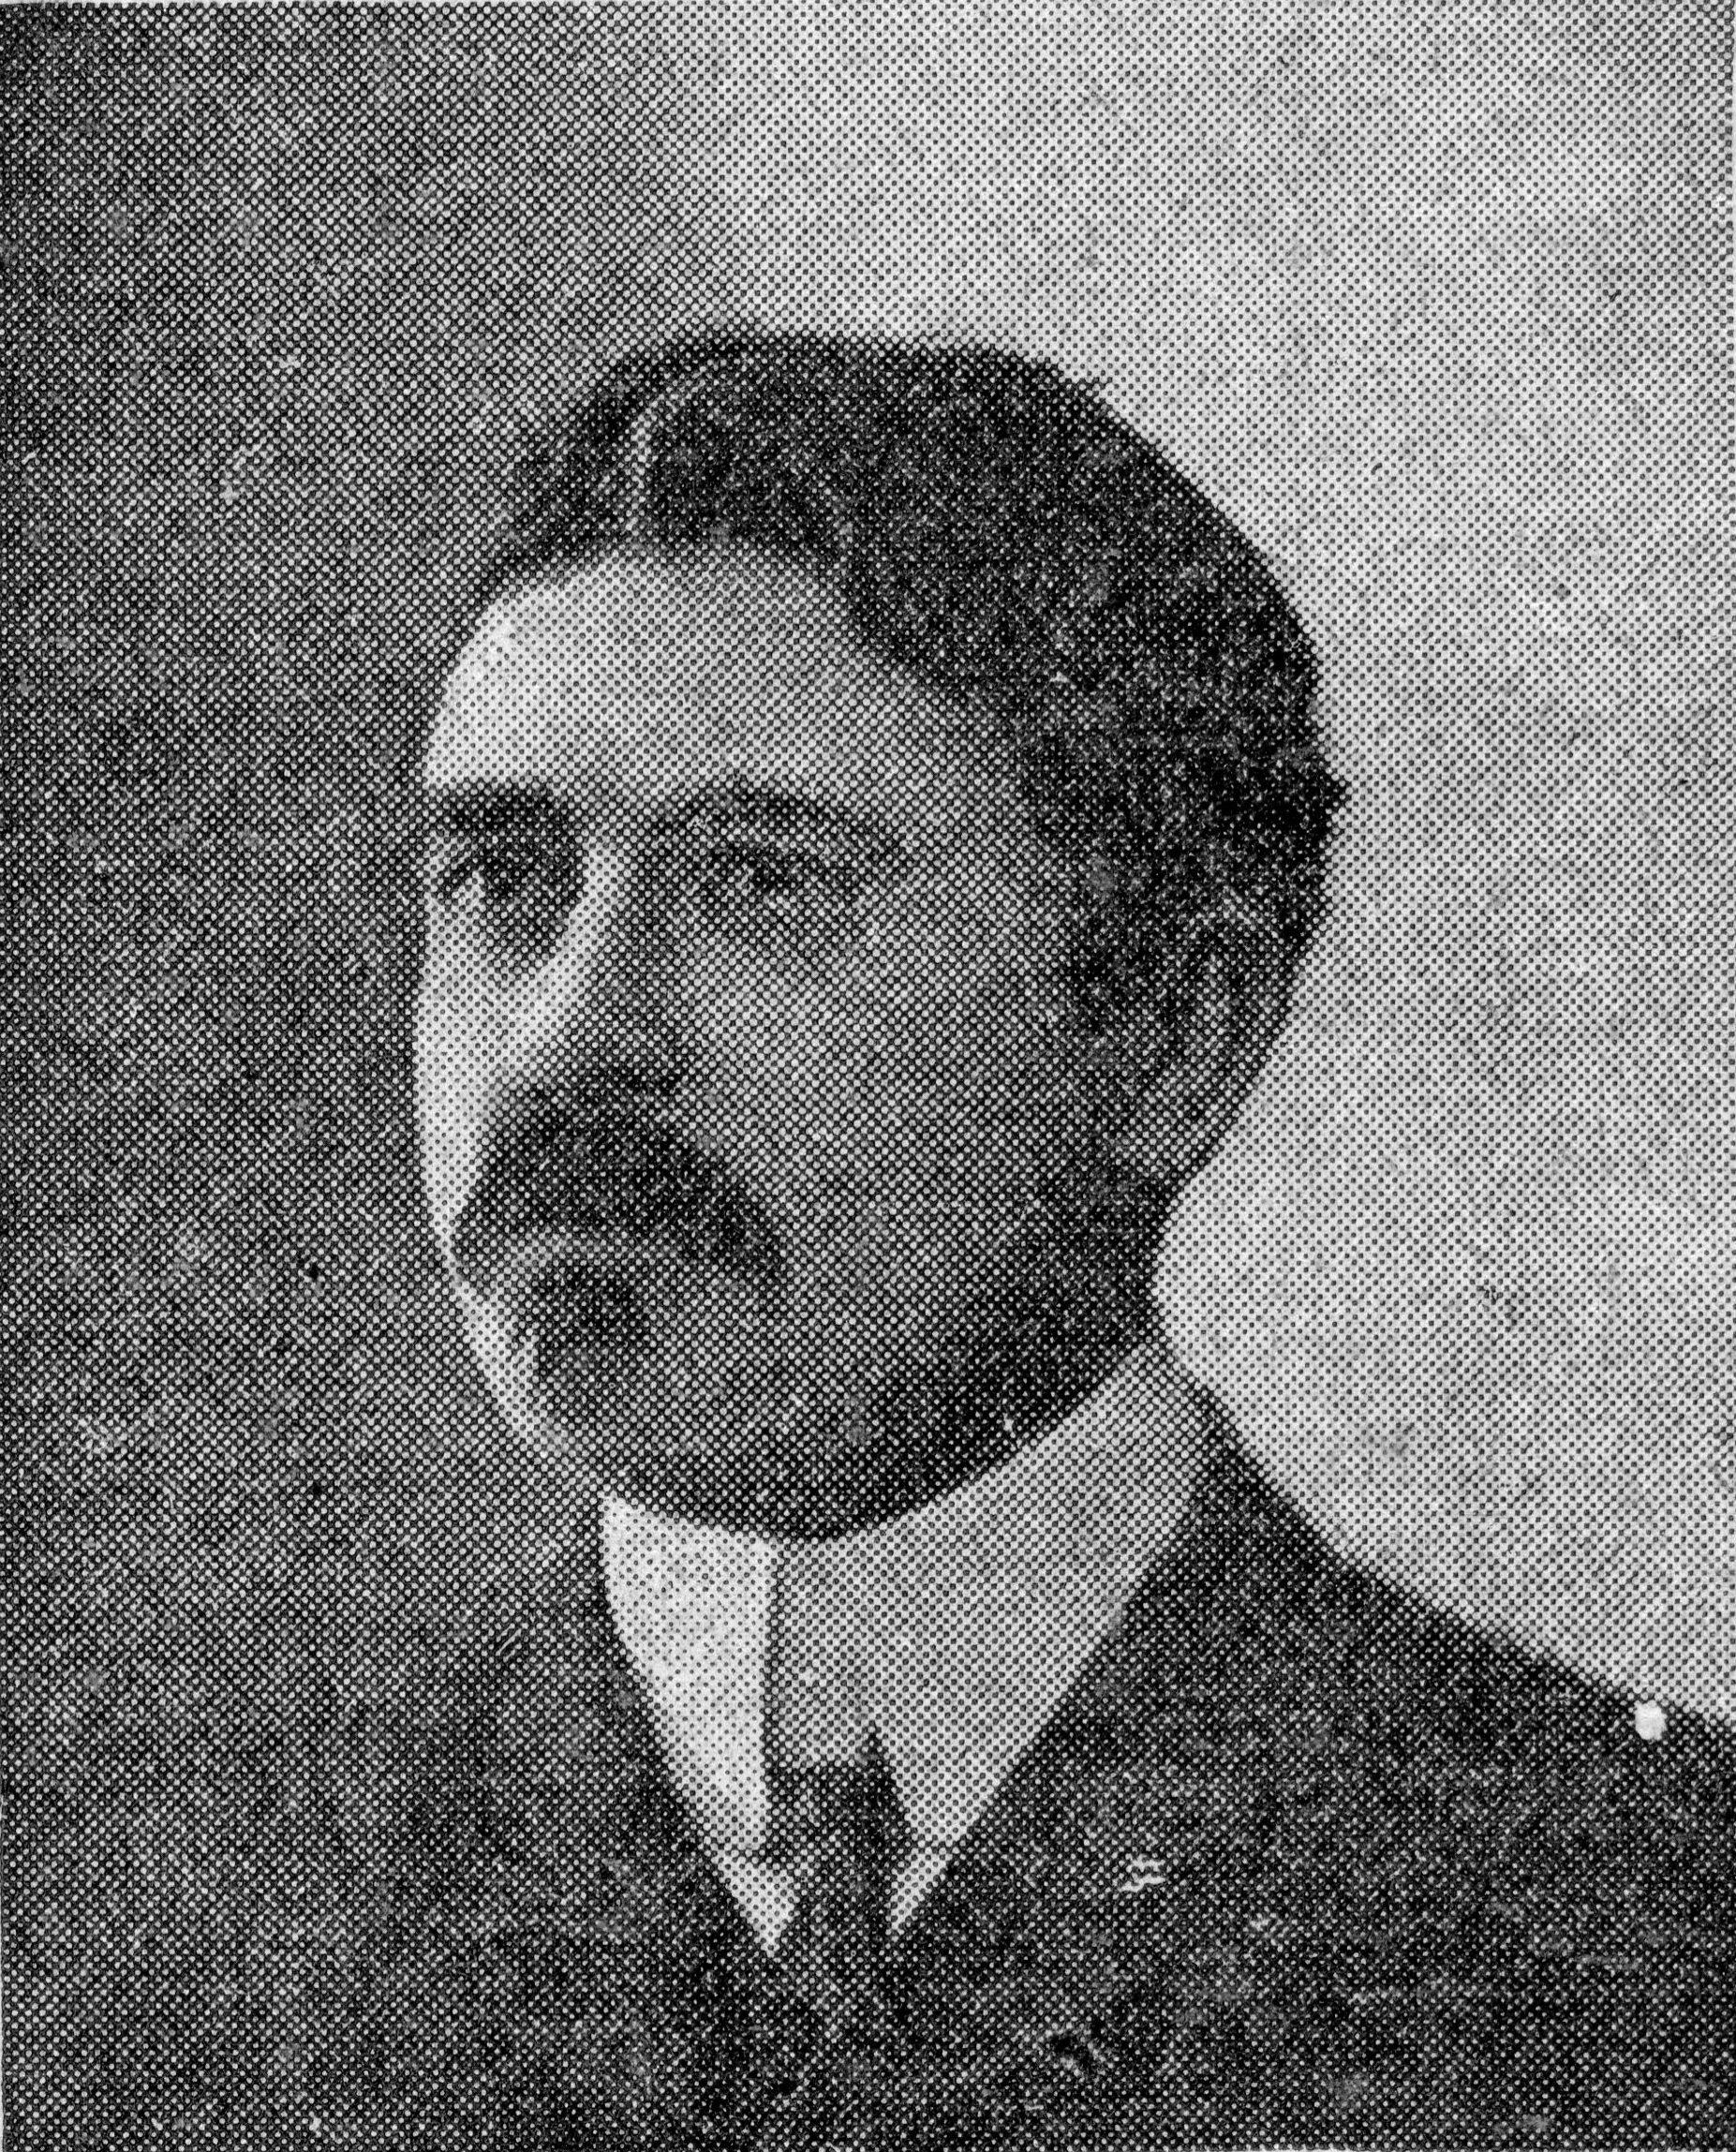 J.-H. Rosny jeune